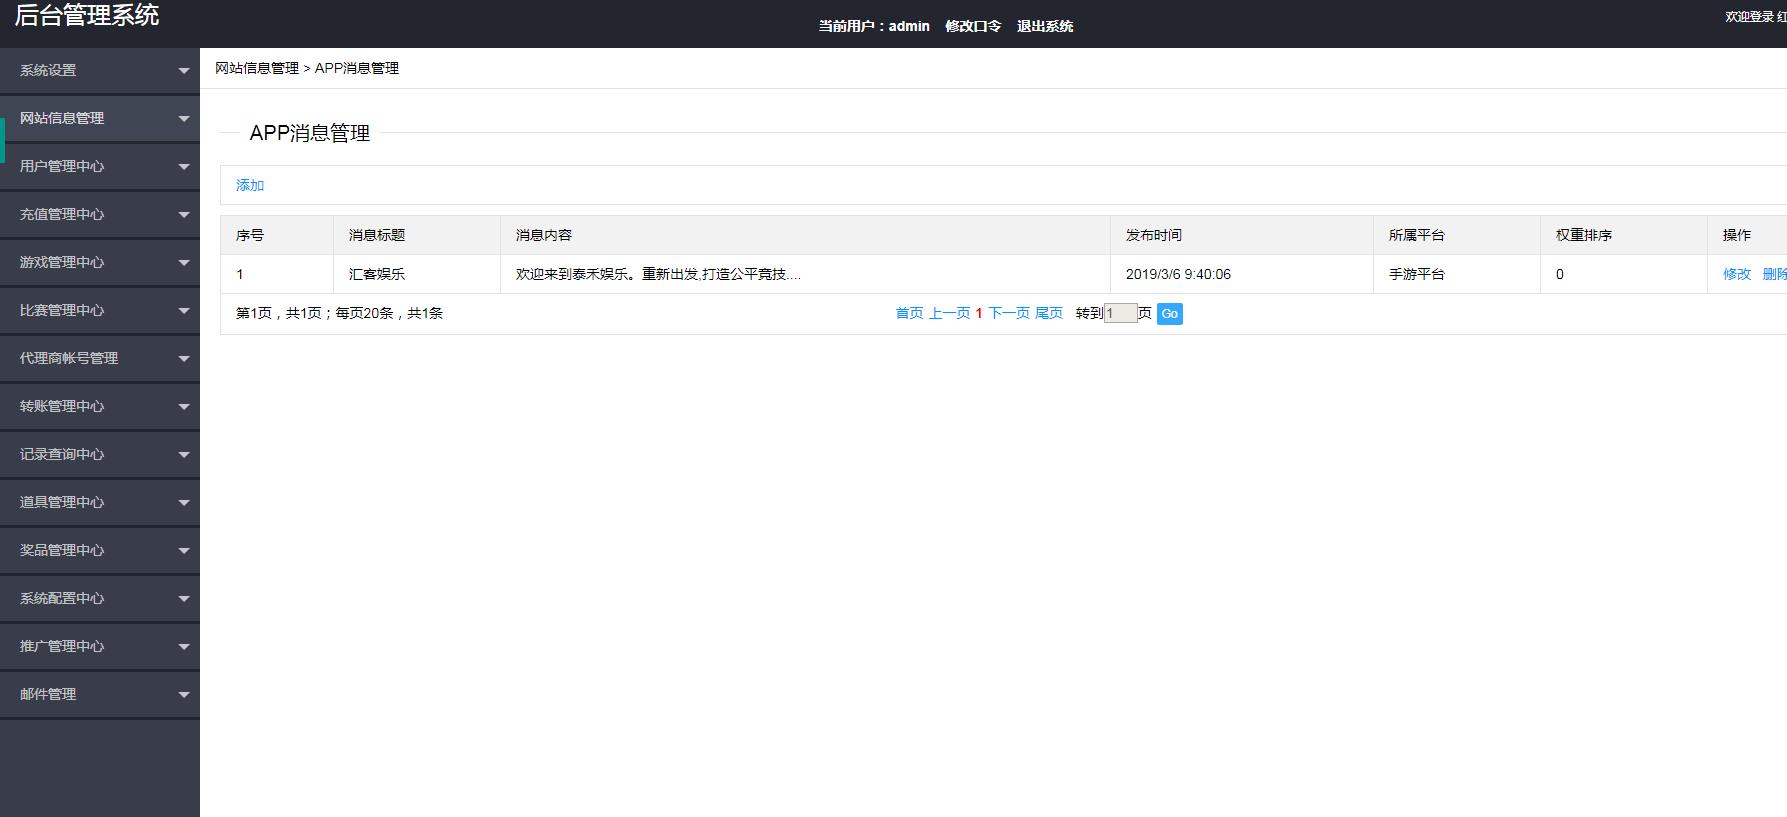 斑马联运京城国际修复版-京城娱乐,棋牌源码组件完整版 +双端APP+全数据+带红包扫雷,非网传运营版-第16张